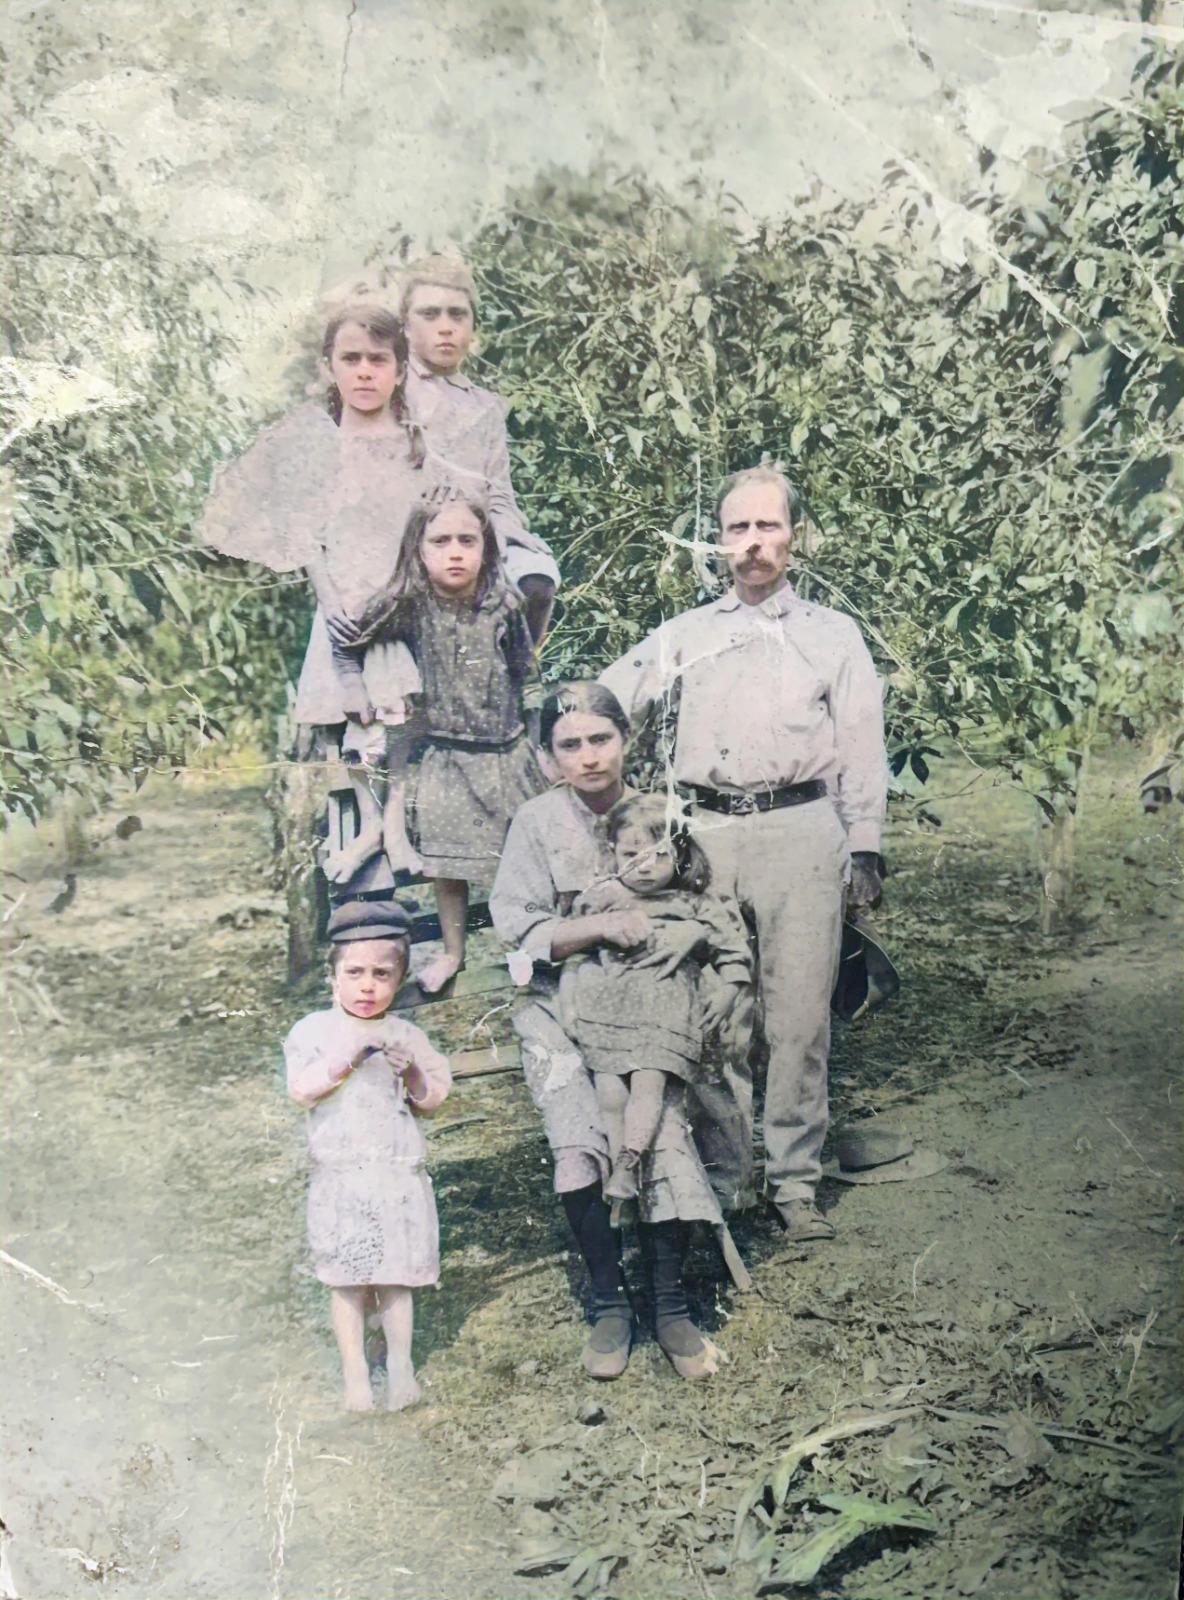 Dons EMILO KANTS ar bērniem savā kafijas plantācijā Panamā.